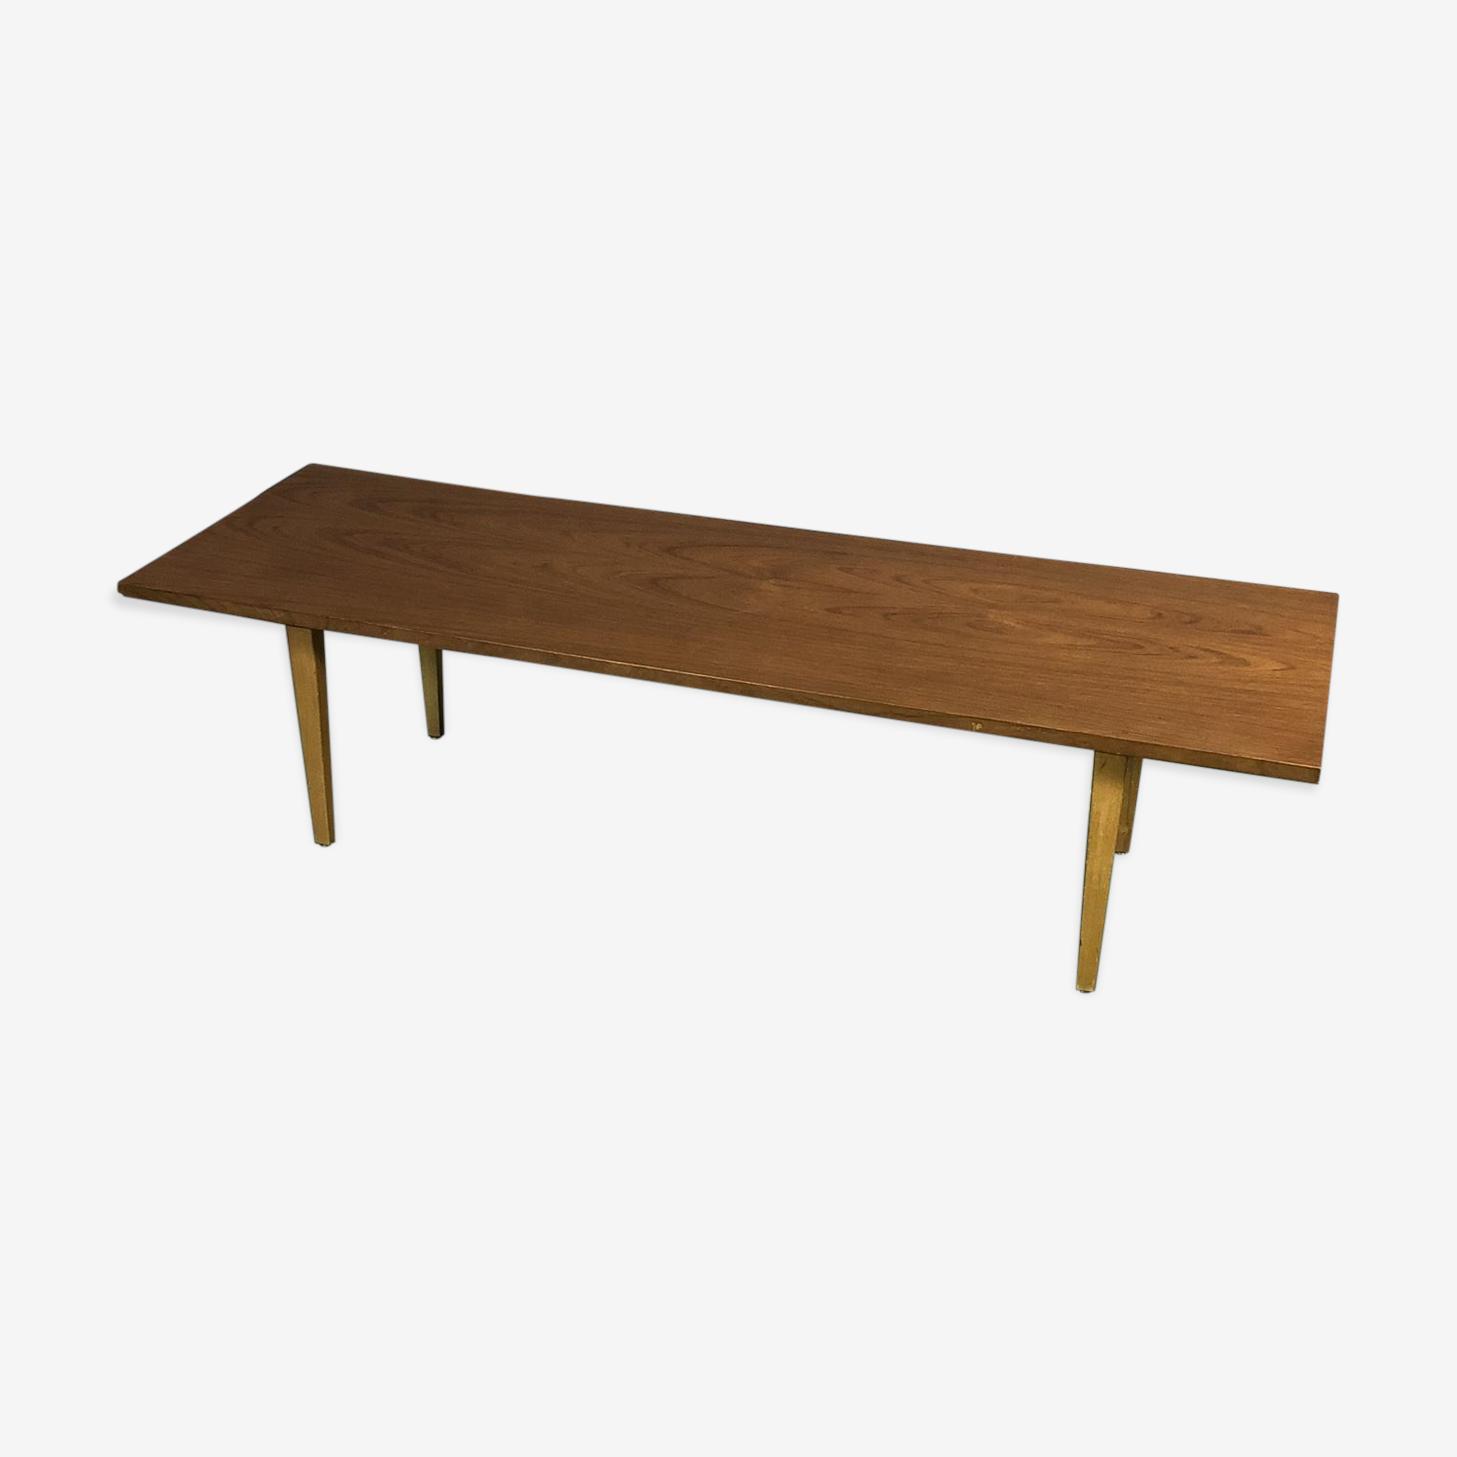 Teak coffee table 1970